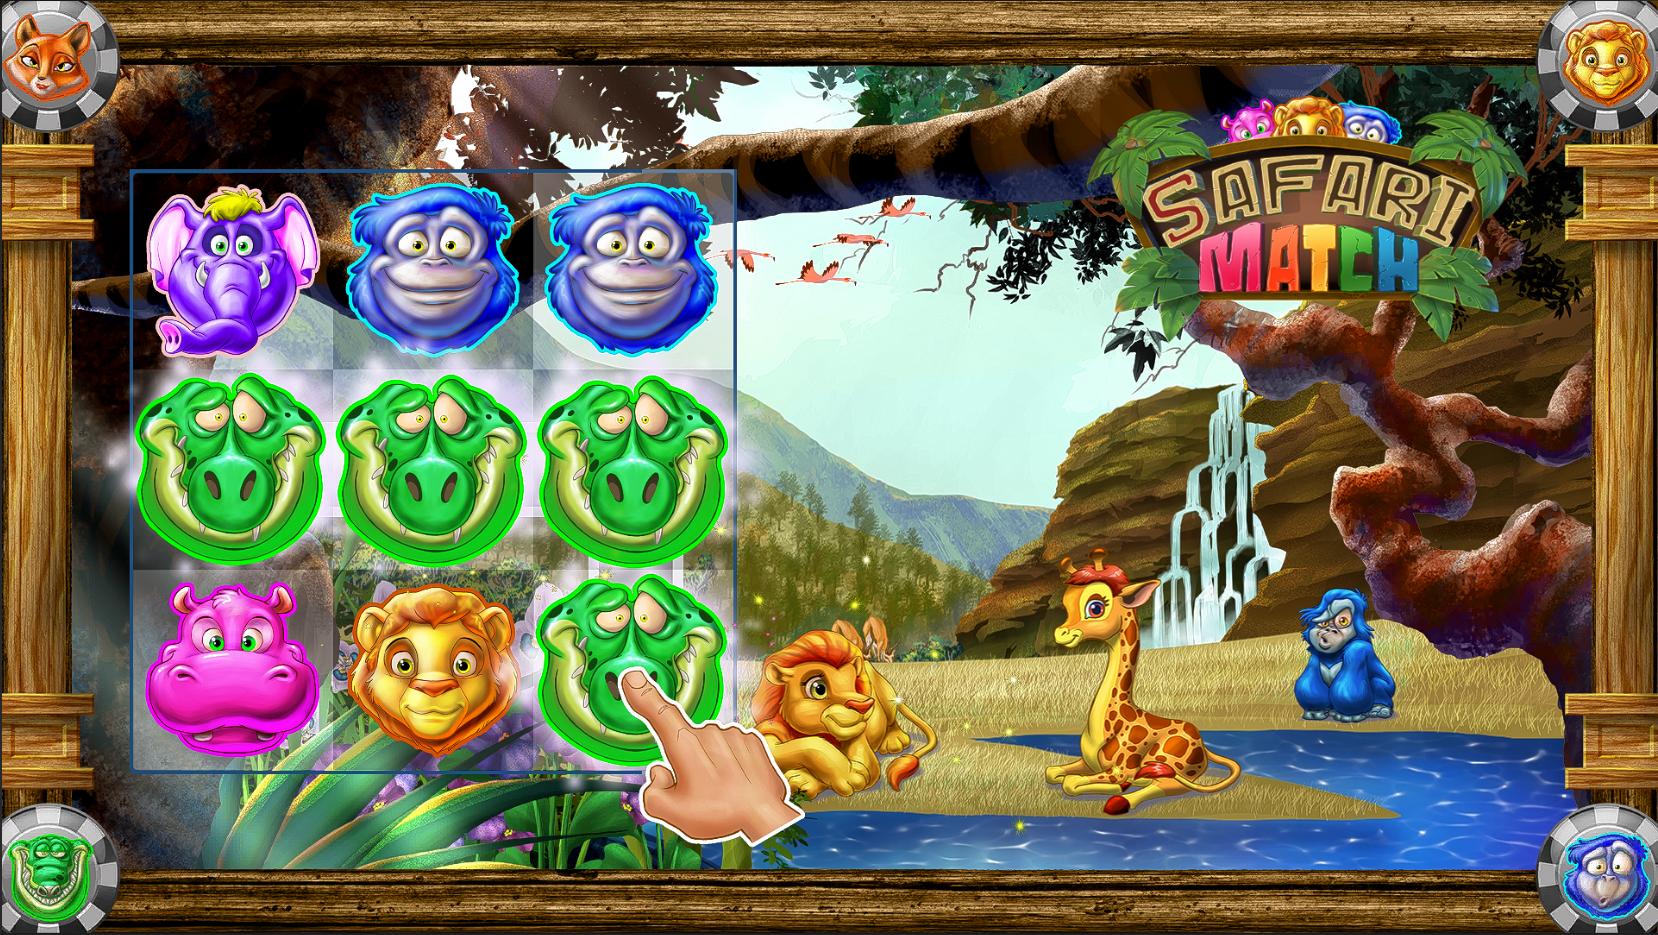 Safari Match Screen